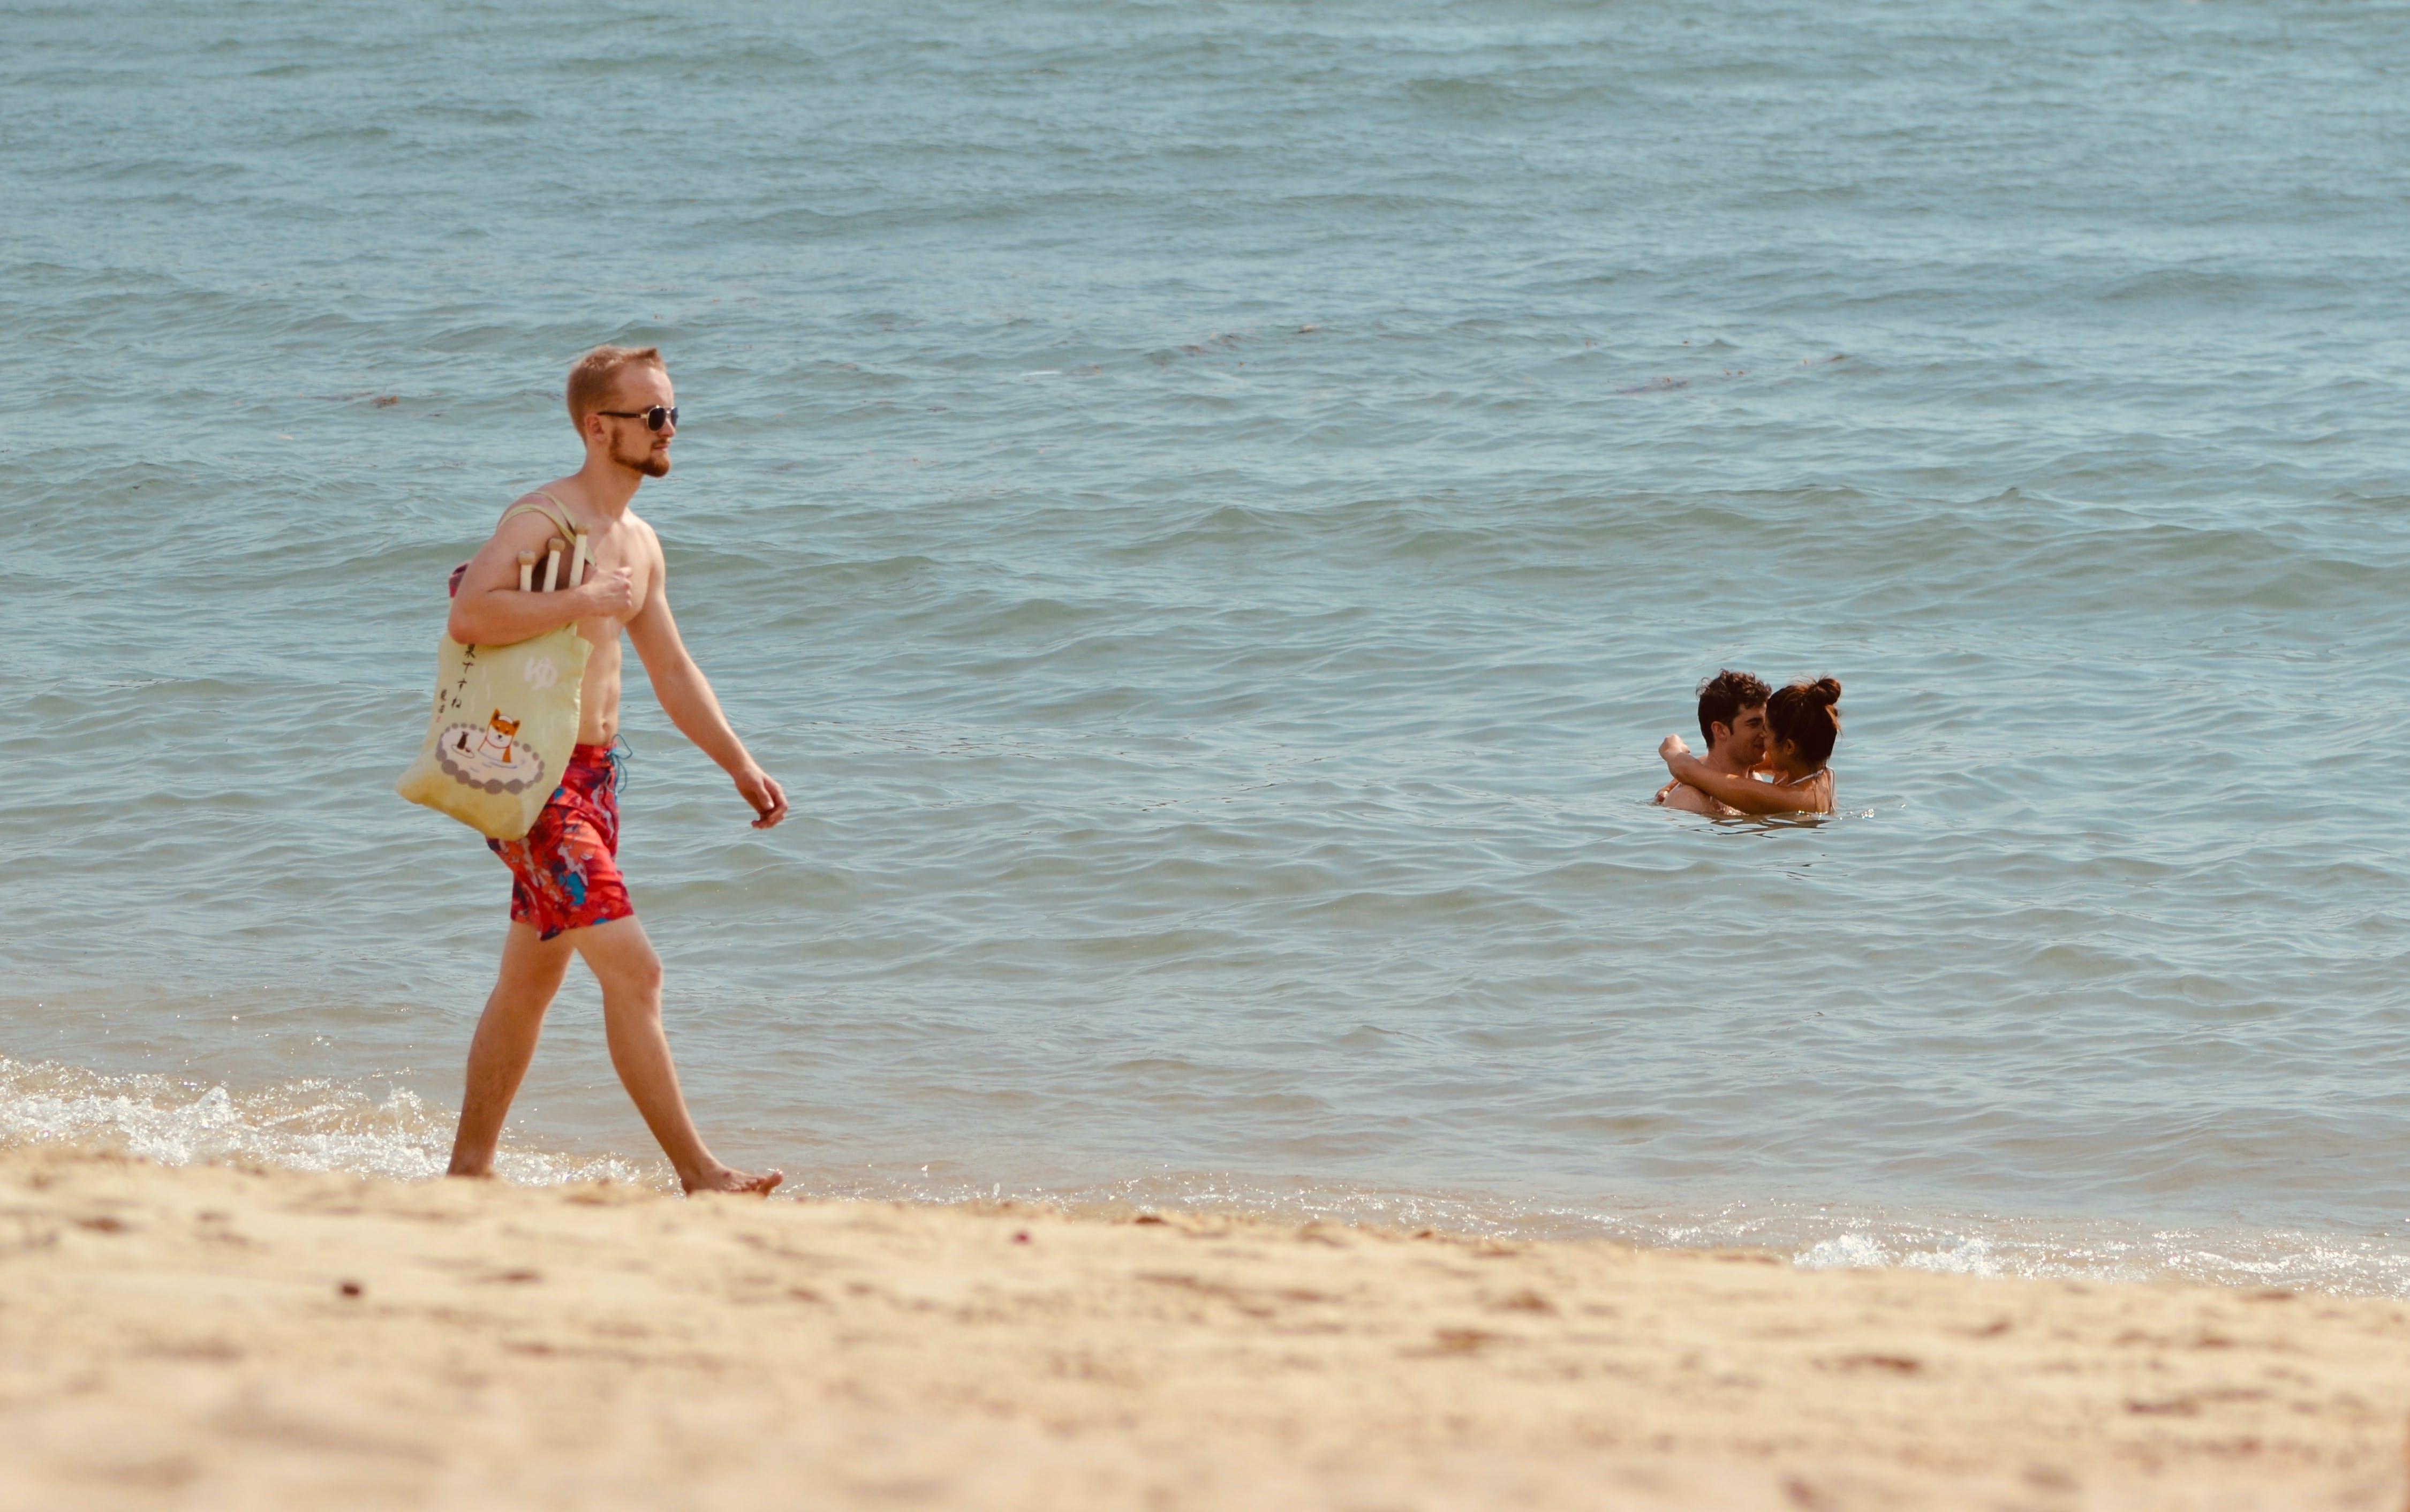 걷고 있는, 맑은 날, 모래, 바다의 무료 스톡 사진